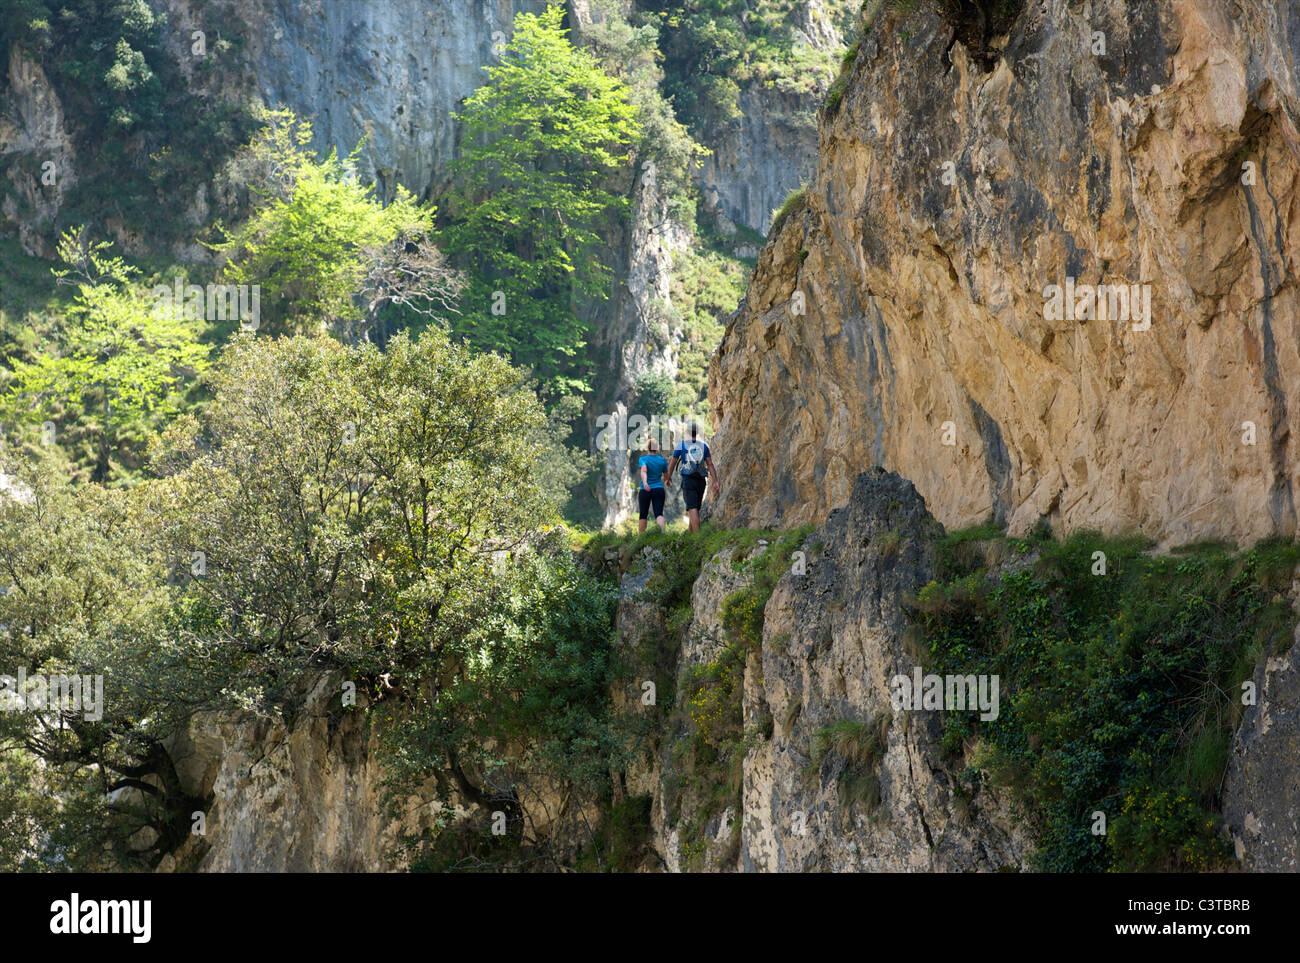 Walking the Cares Gorge footpath, Picos de Europa, Castilla y Leon, Spain - Stock Image